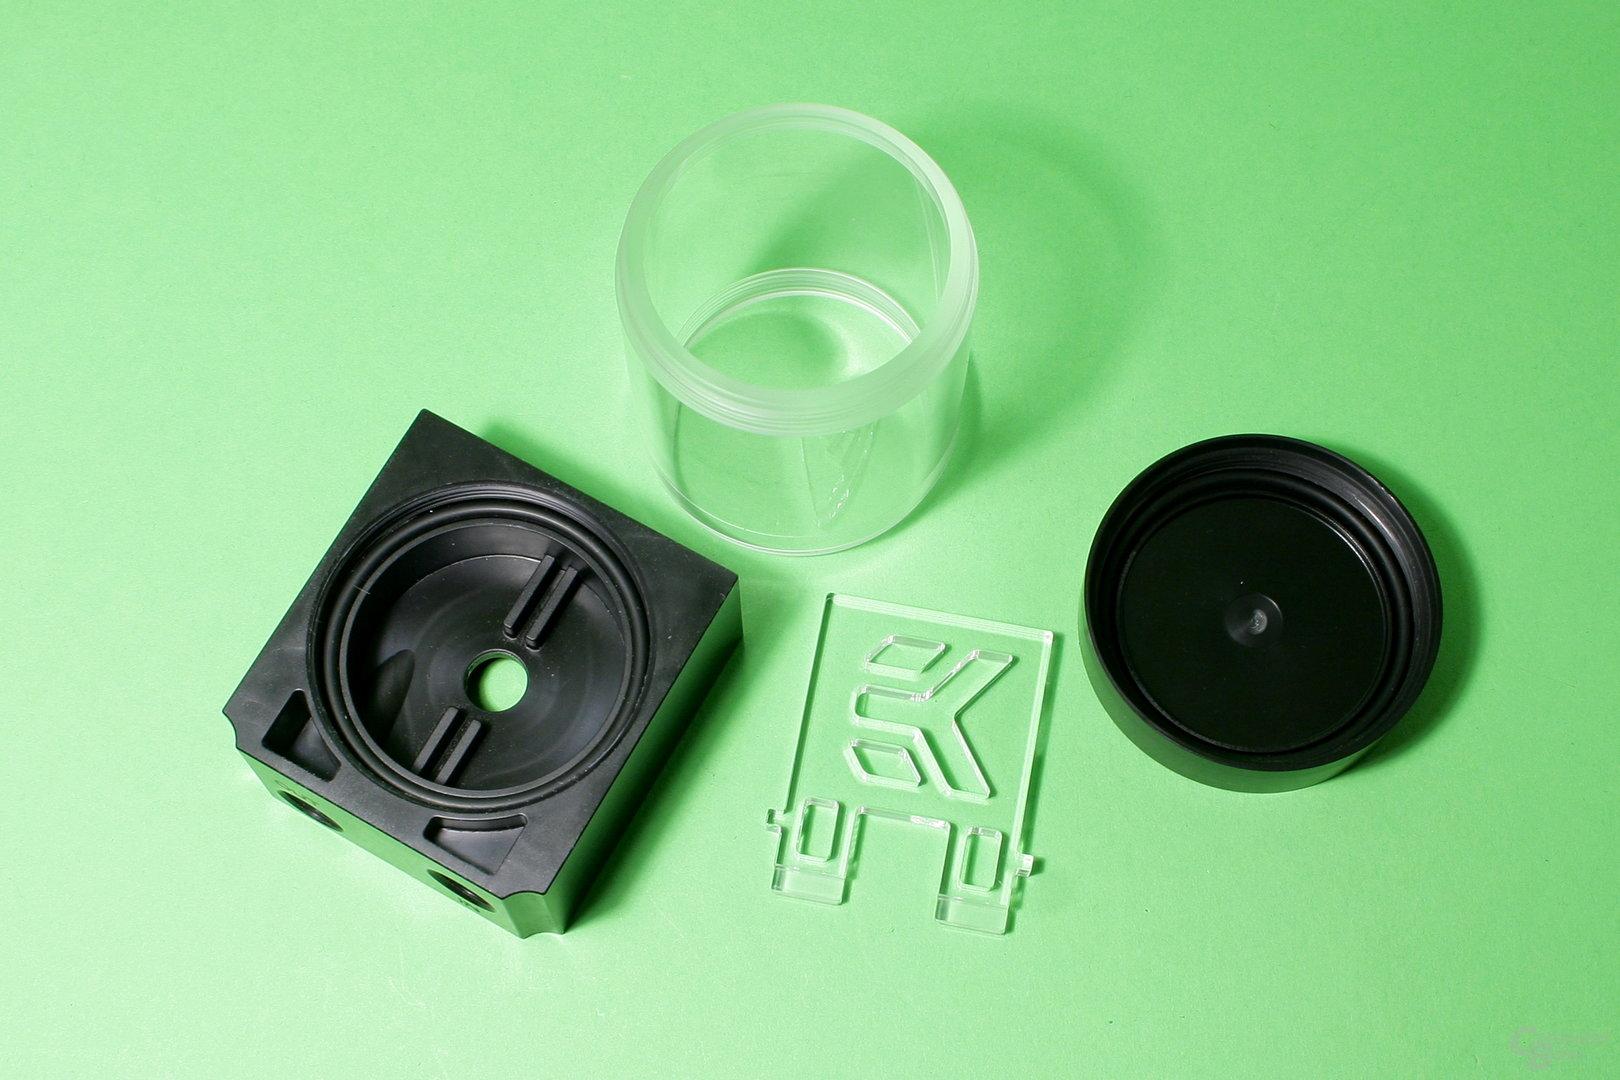 EK Fluid Gaming: Das Reservoir der Pumpe besteht aus einer kleinen Acrylglas-Röhre